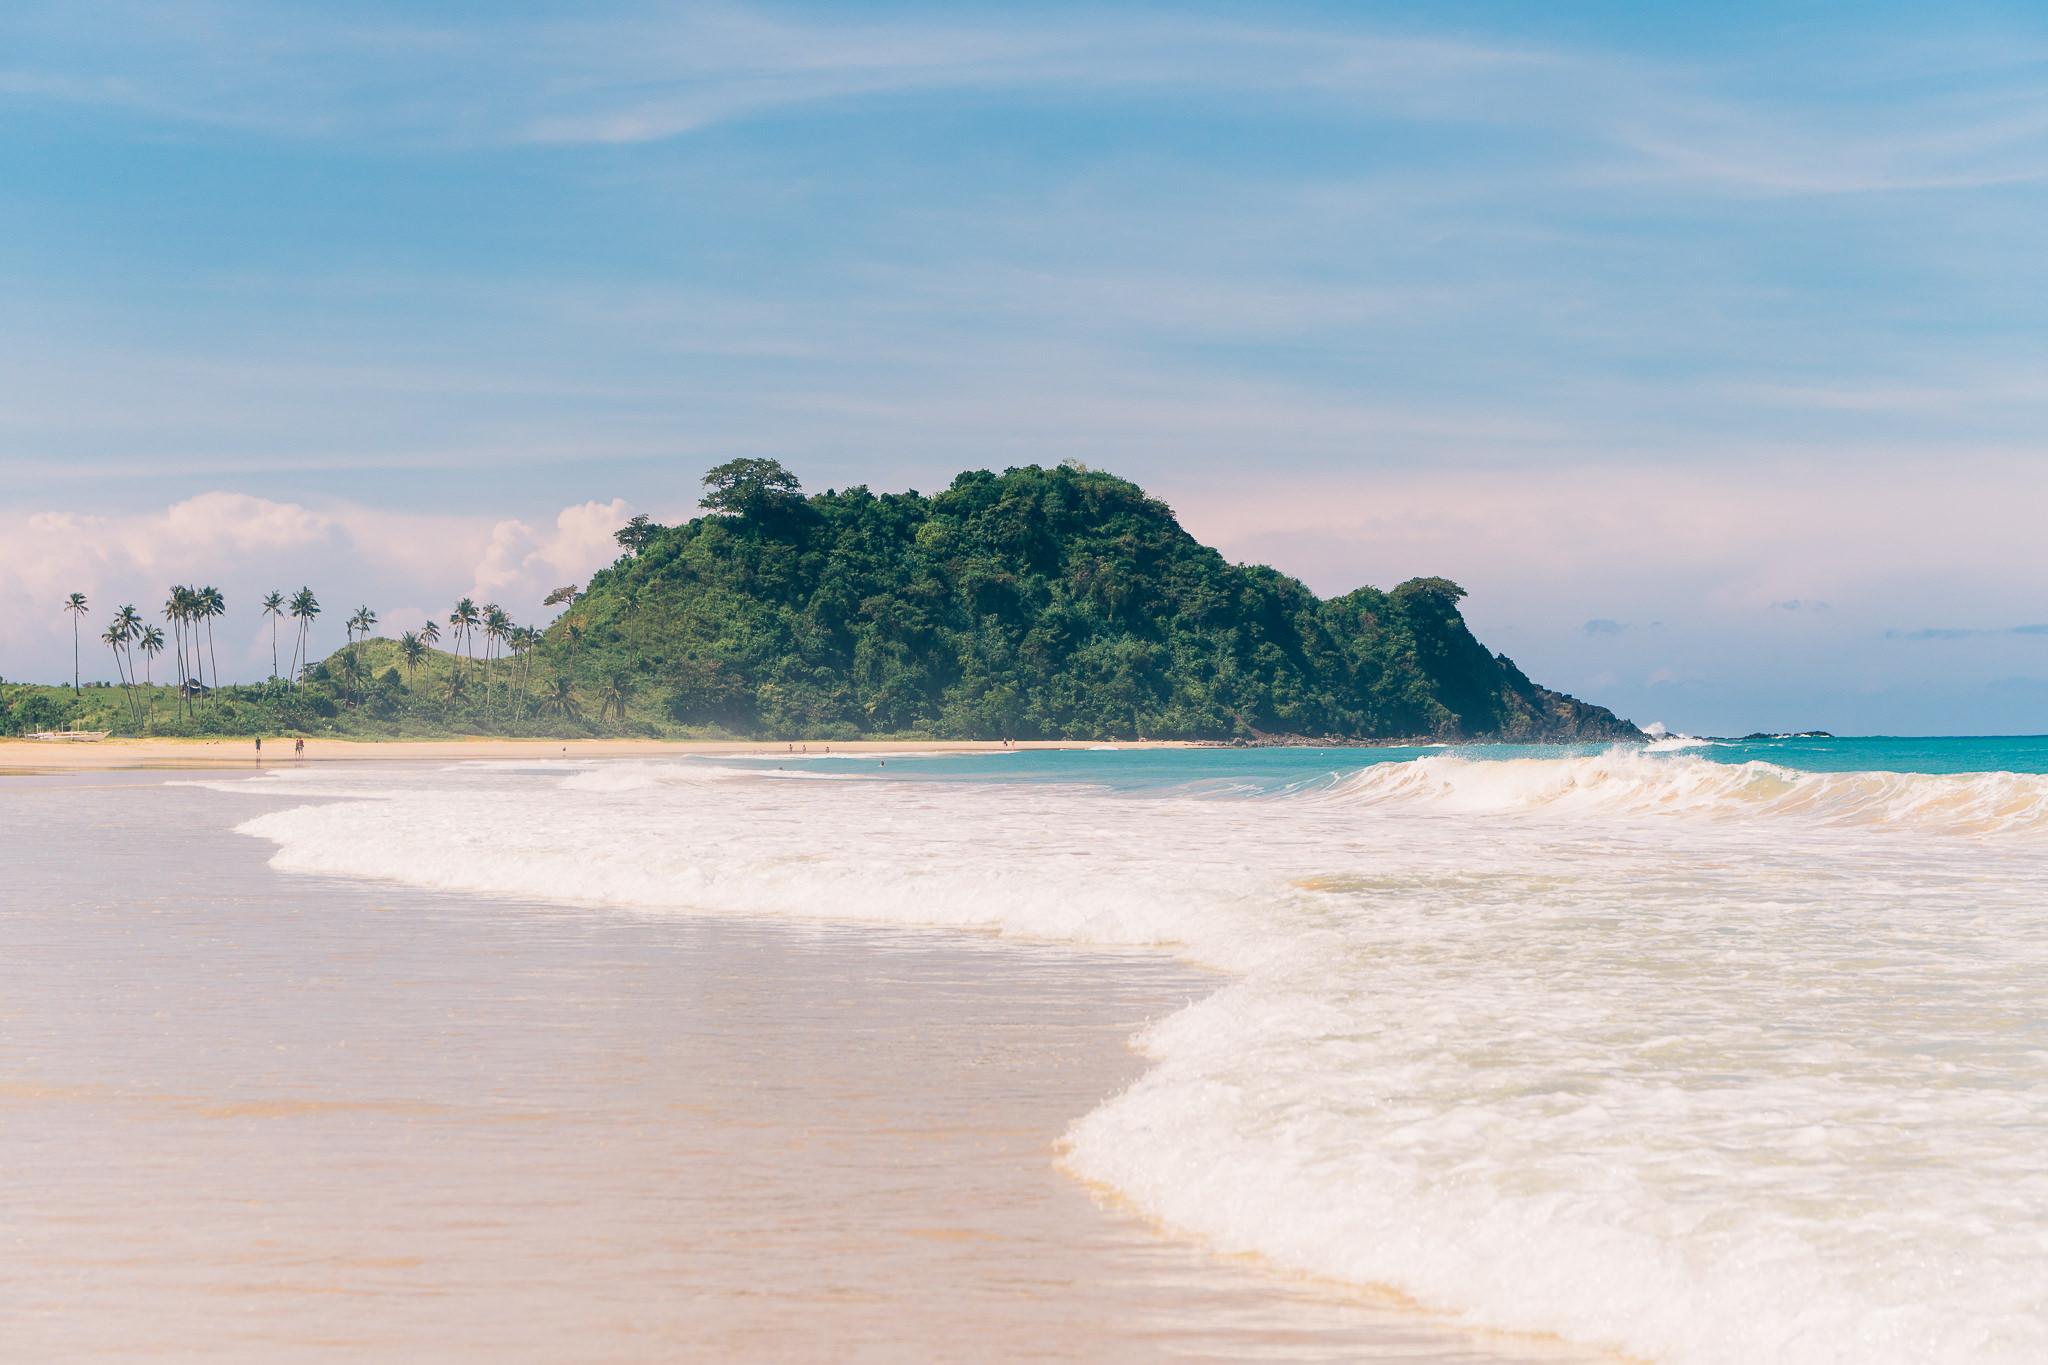 Photo Journey 003 - Nacpan Beach-8.jpg